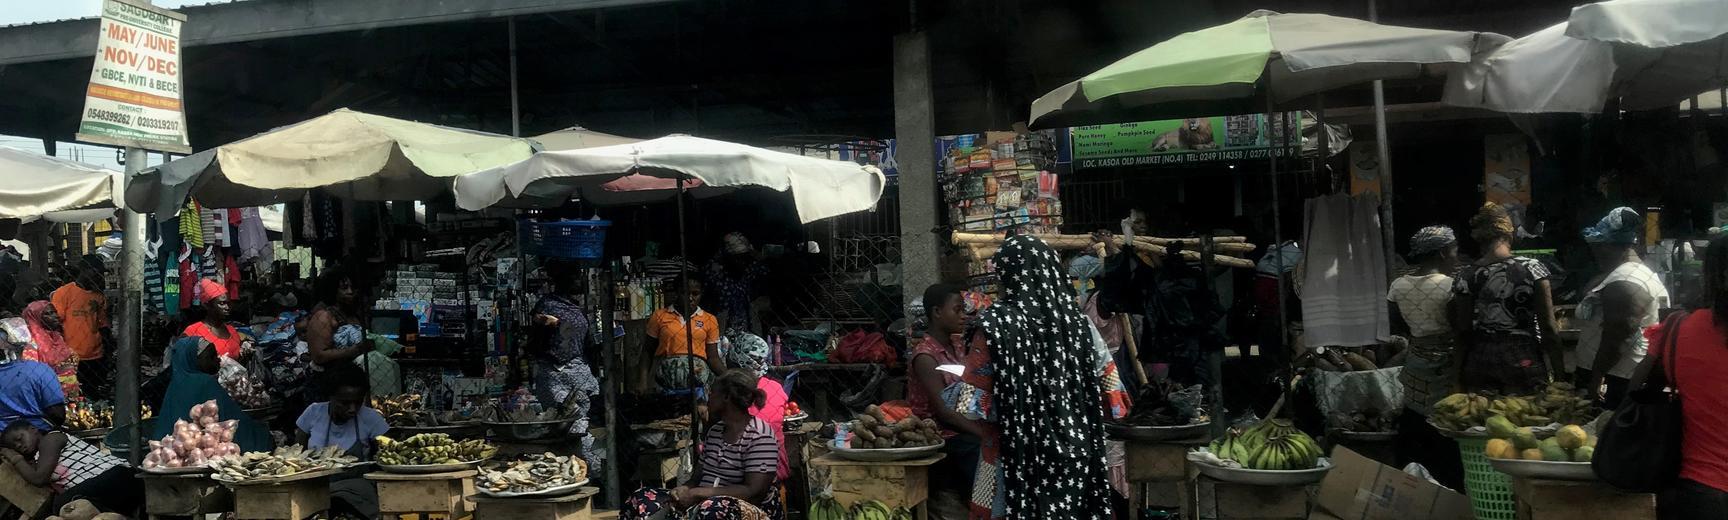 Busy street market outside Accra in Kasoa, Ghana